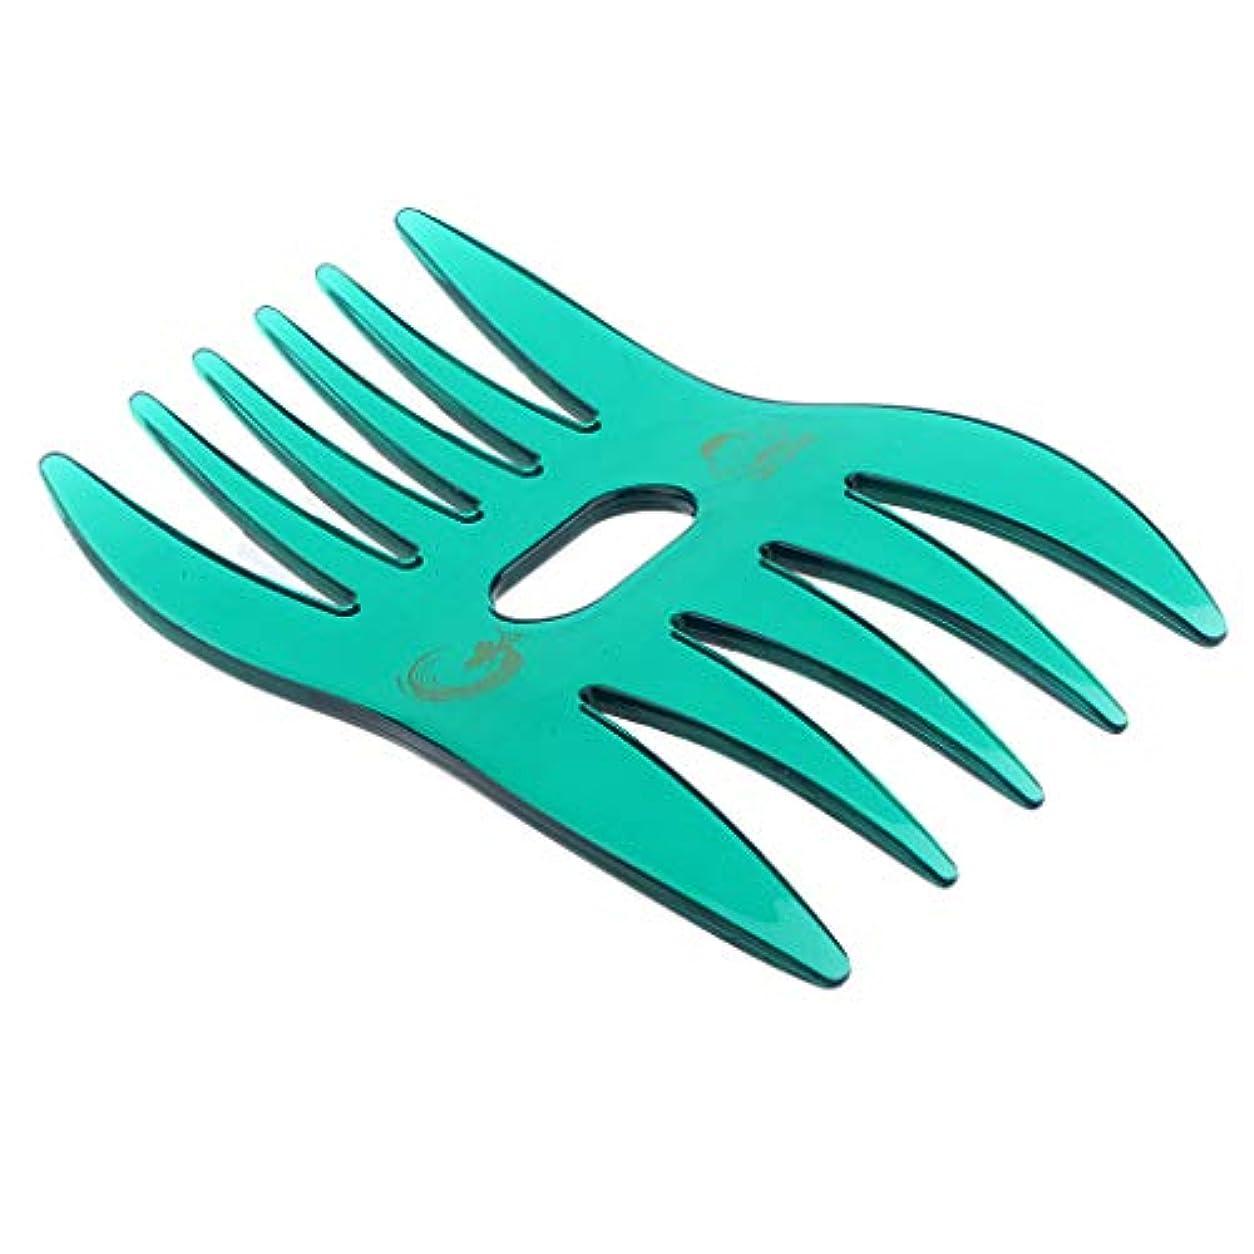 コミットメント原因エンディングB Baosity ヘアコーム ヘアブラシ デュアルサイド櫛 ワイド 細かい歯 ヘアサロン 自宅用 4色選べ - 緑